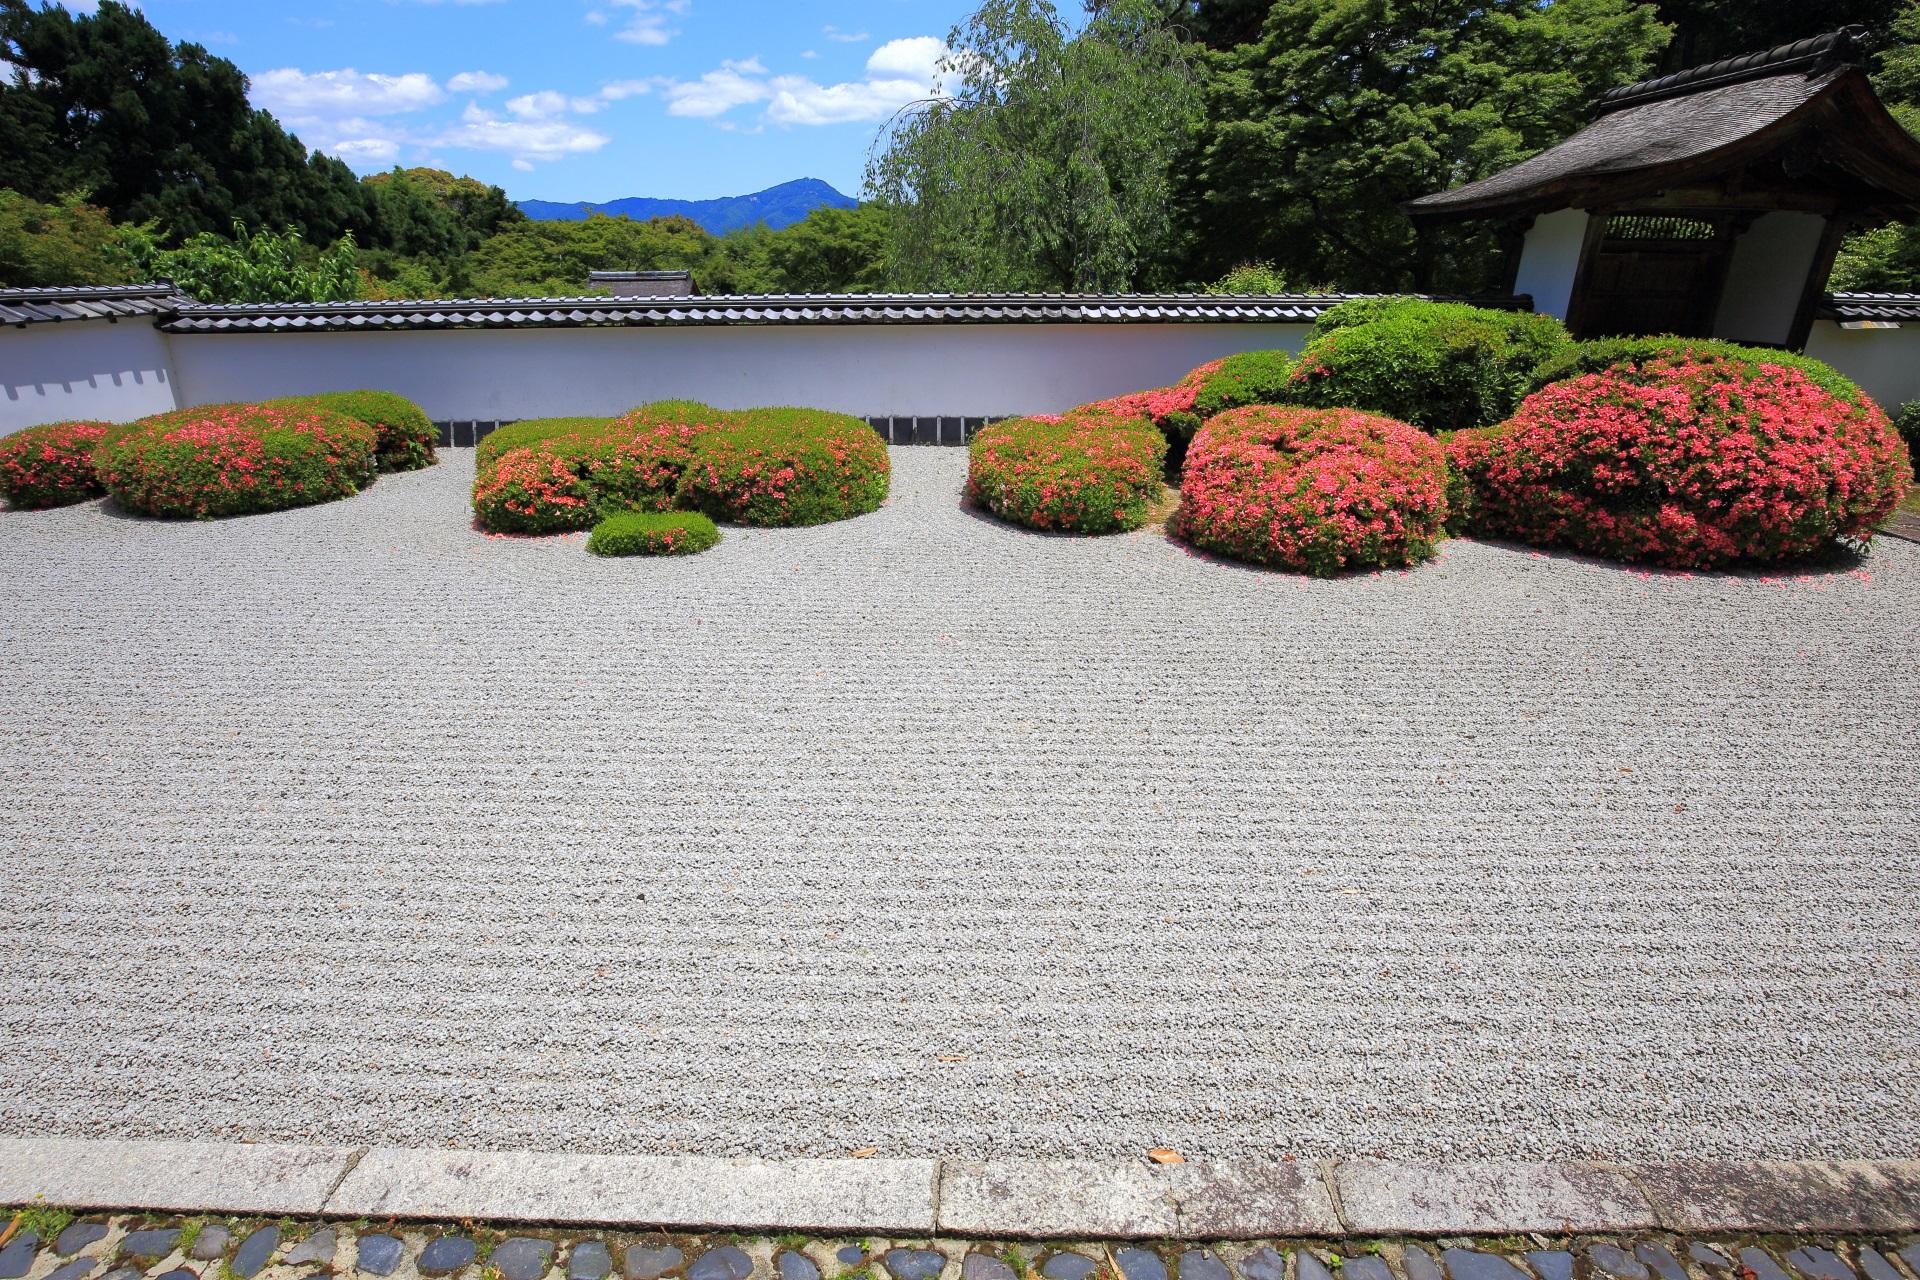 サツキの刈り込み(株)で「七五三」を表現する枯山水庭園